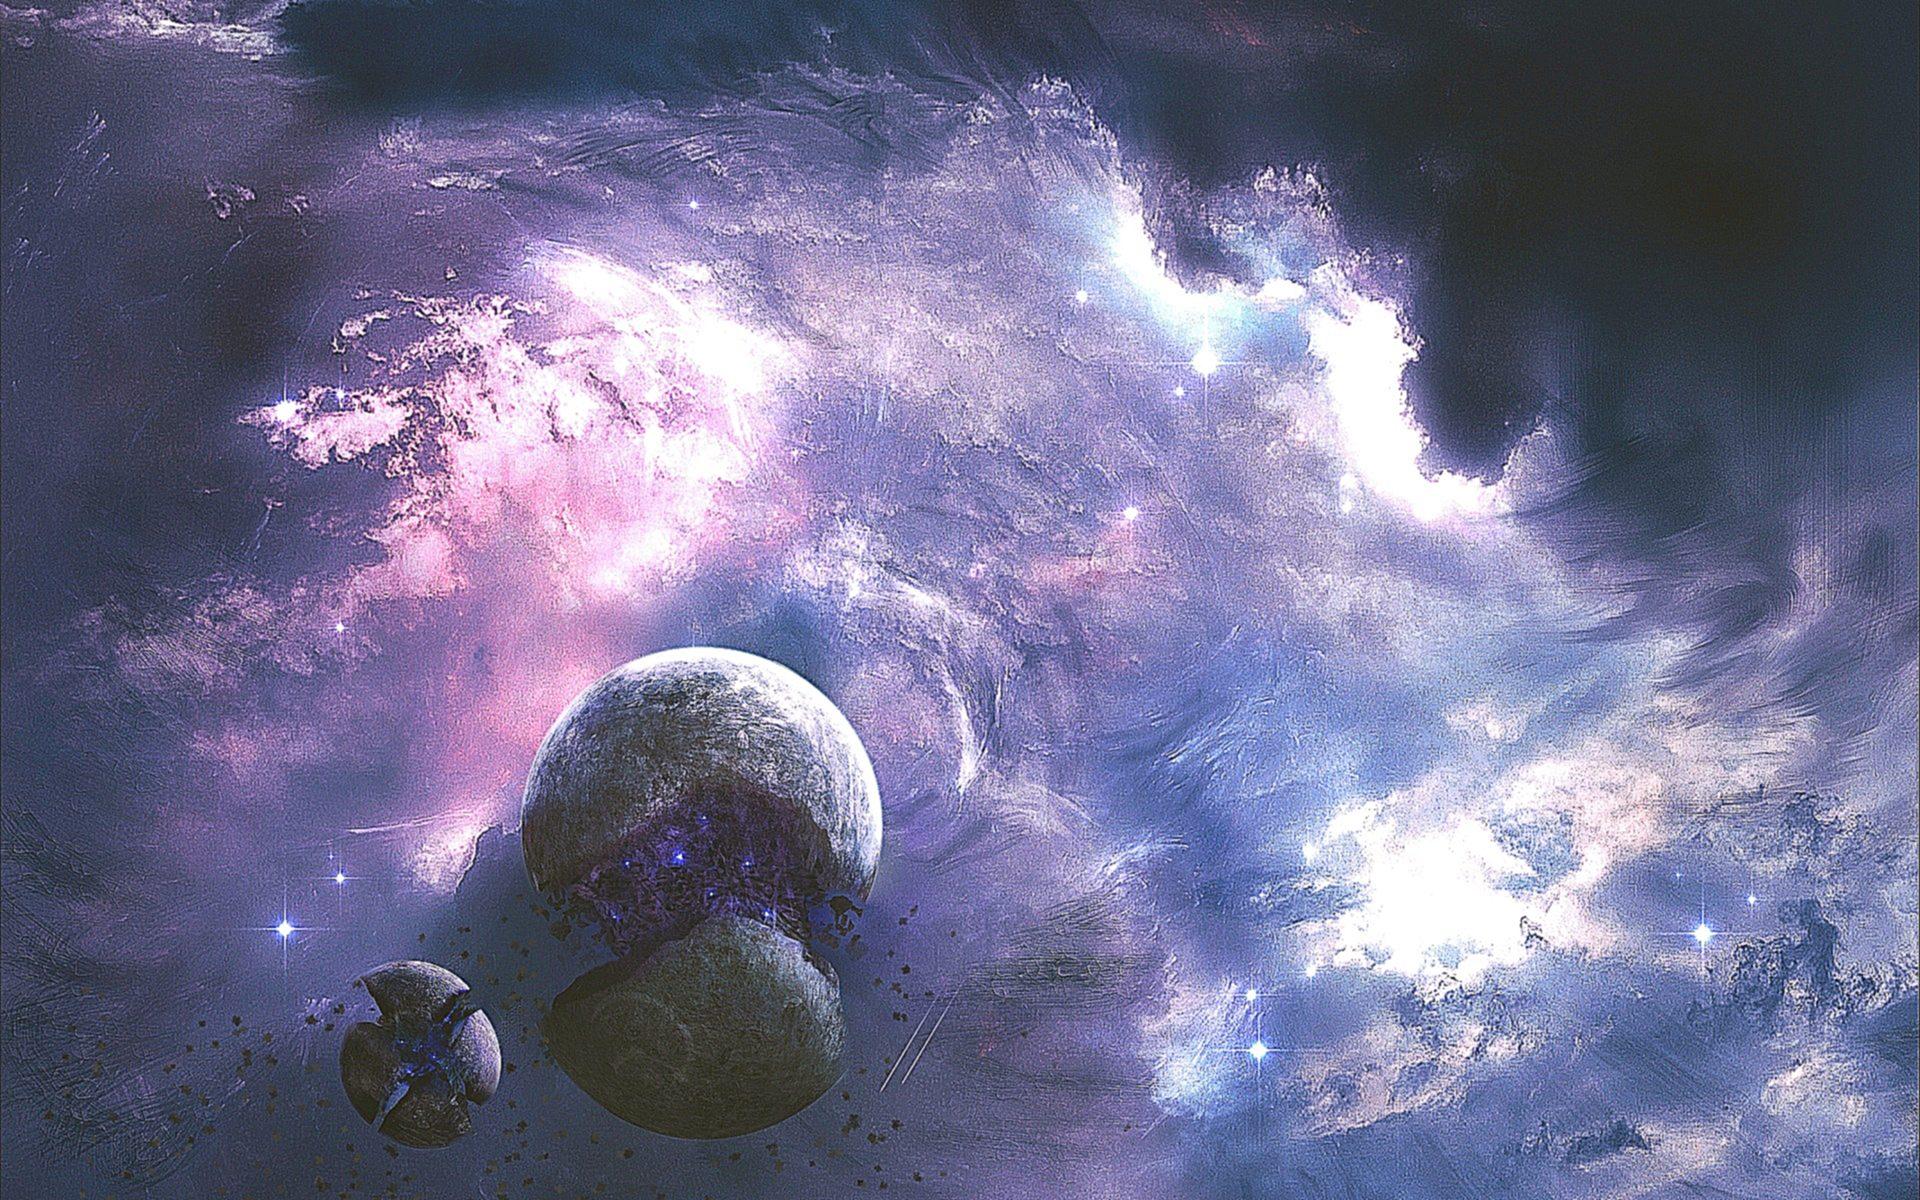 красивые картинки про космос и планеты для детей деньги срочно в долг без залога